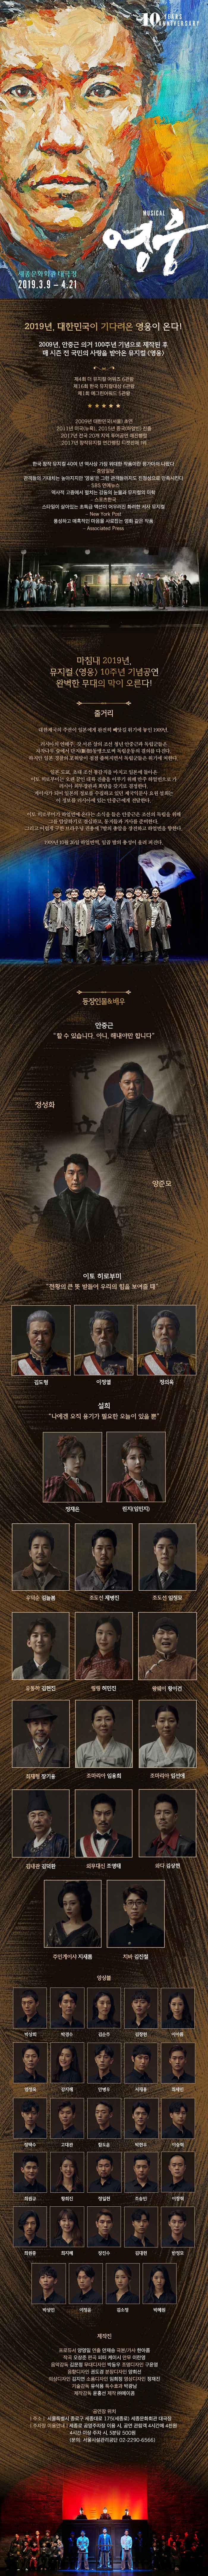 뮤지컬 <영웅> 상세포스터